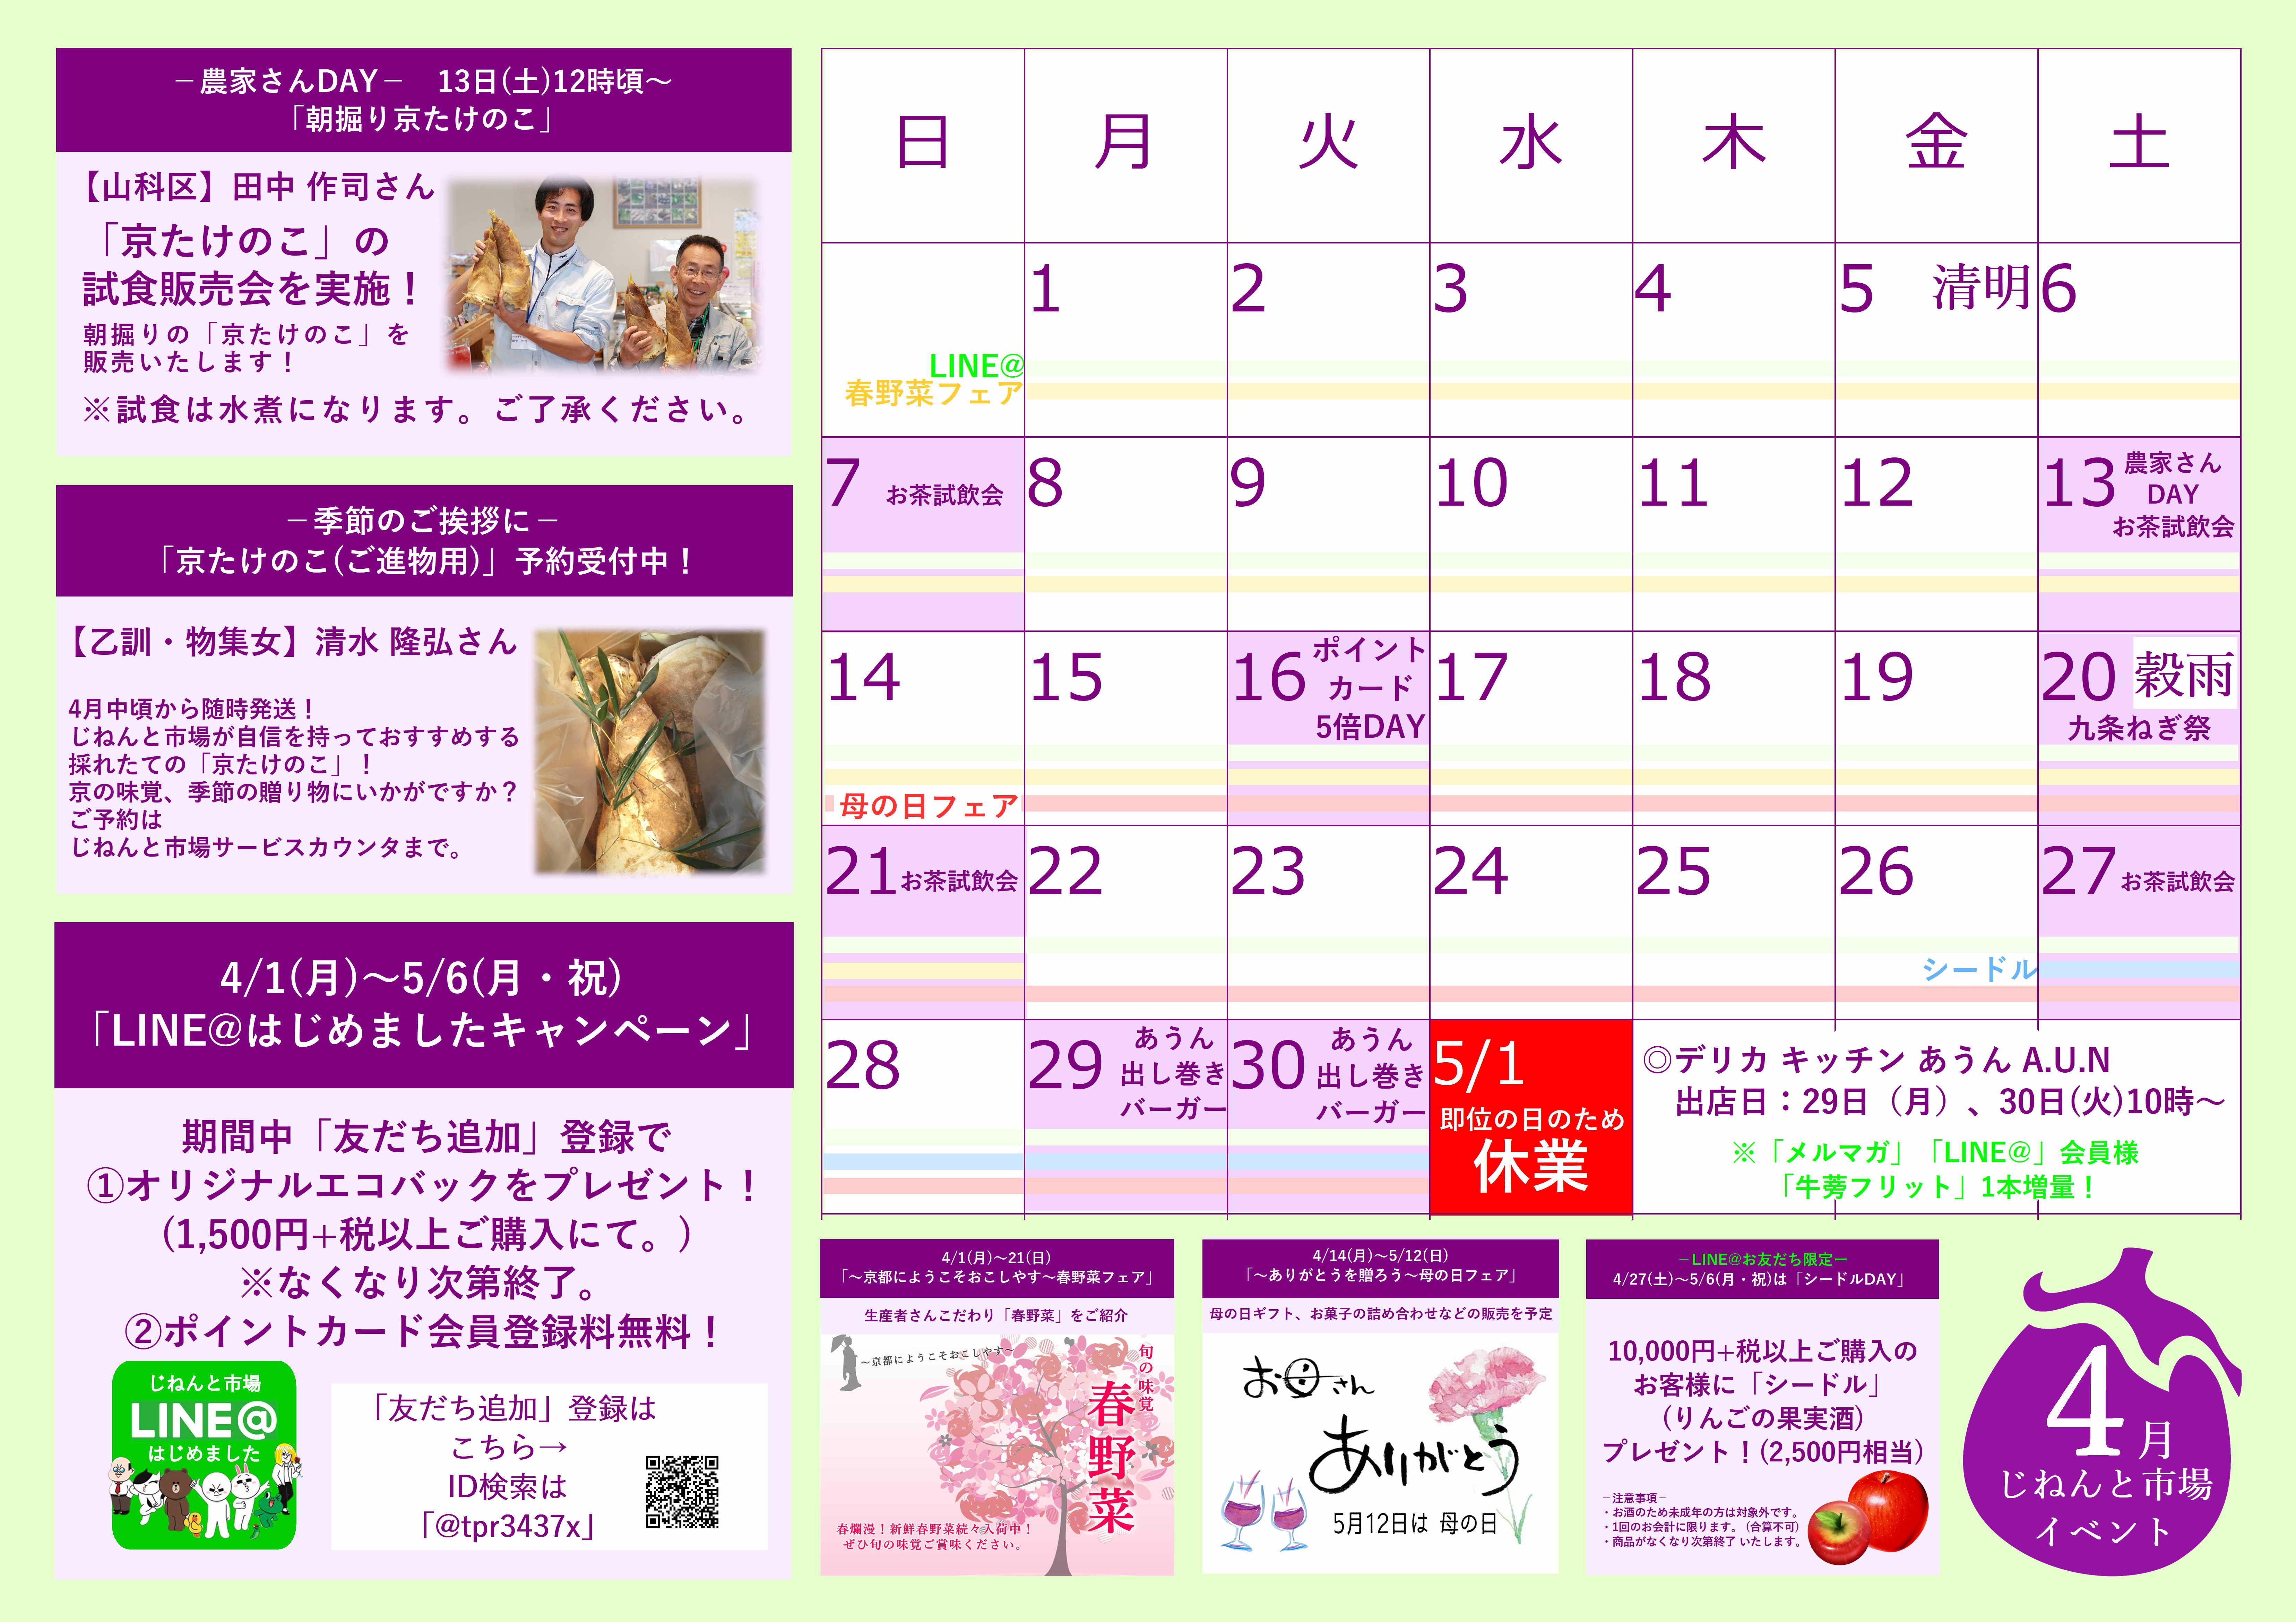 2019年4月じねんと市場イベントカレンダー